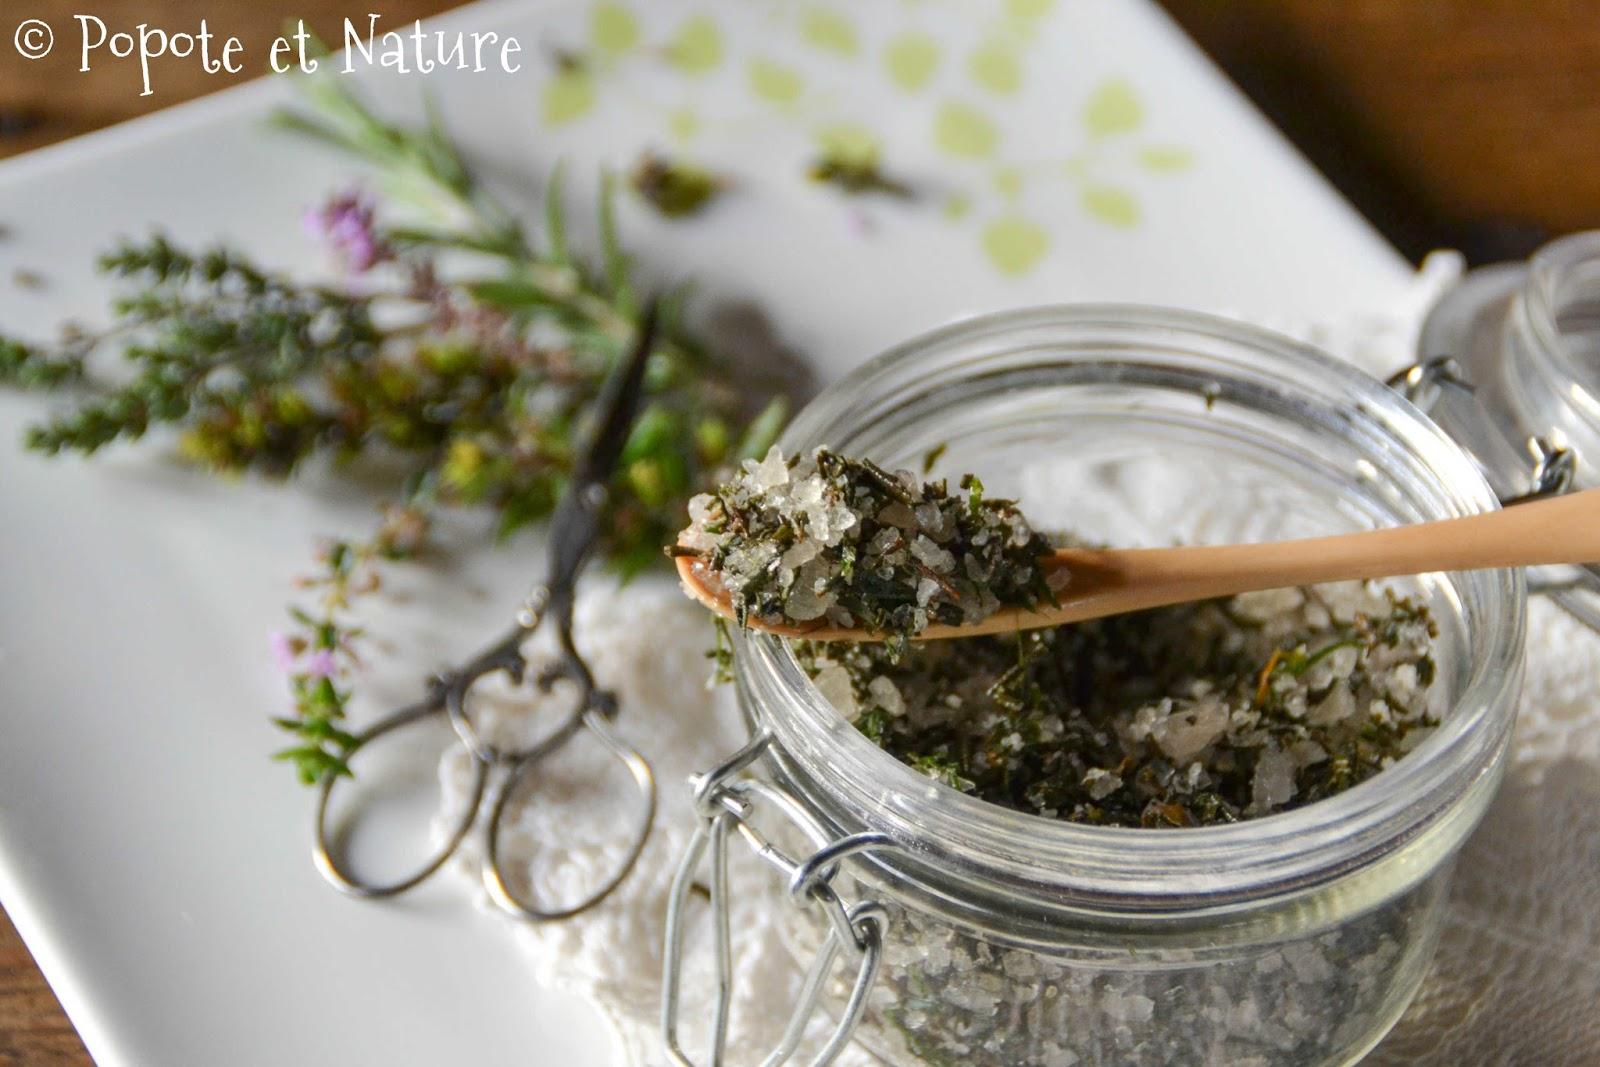 Popote et nature herbes sal es du jardin ou que faire - Comment conserver des carottes du jardin ...